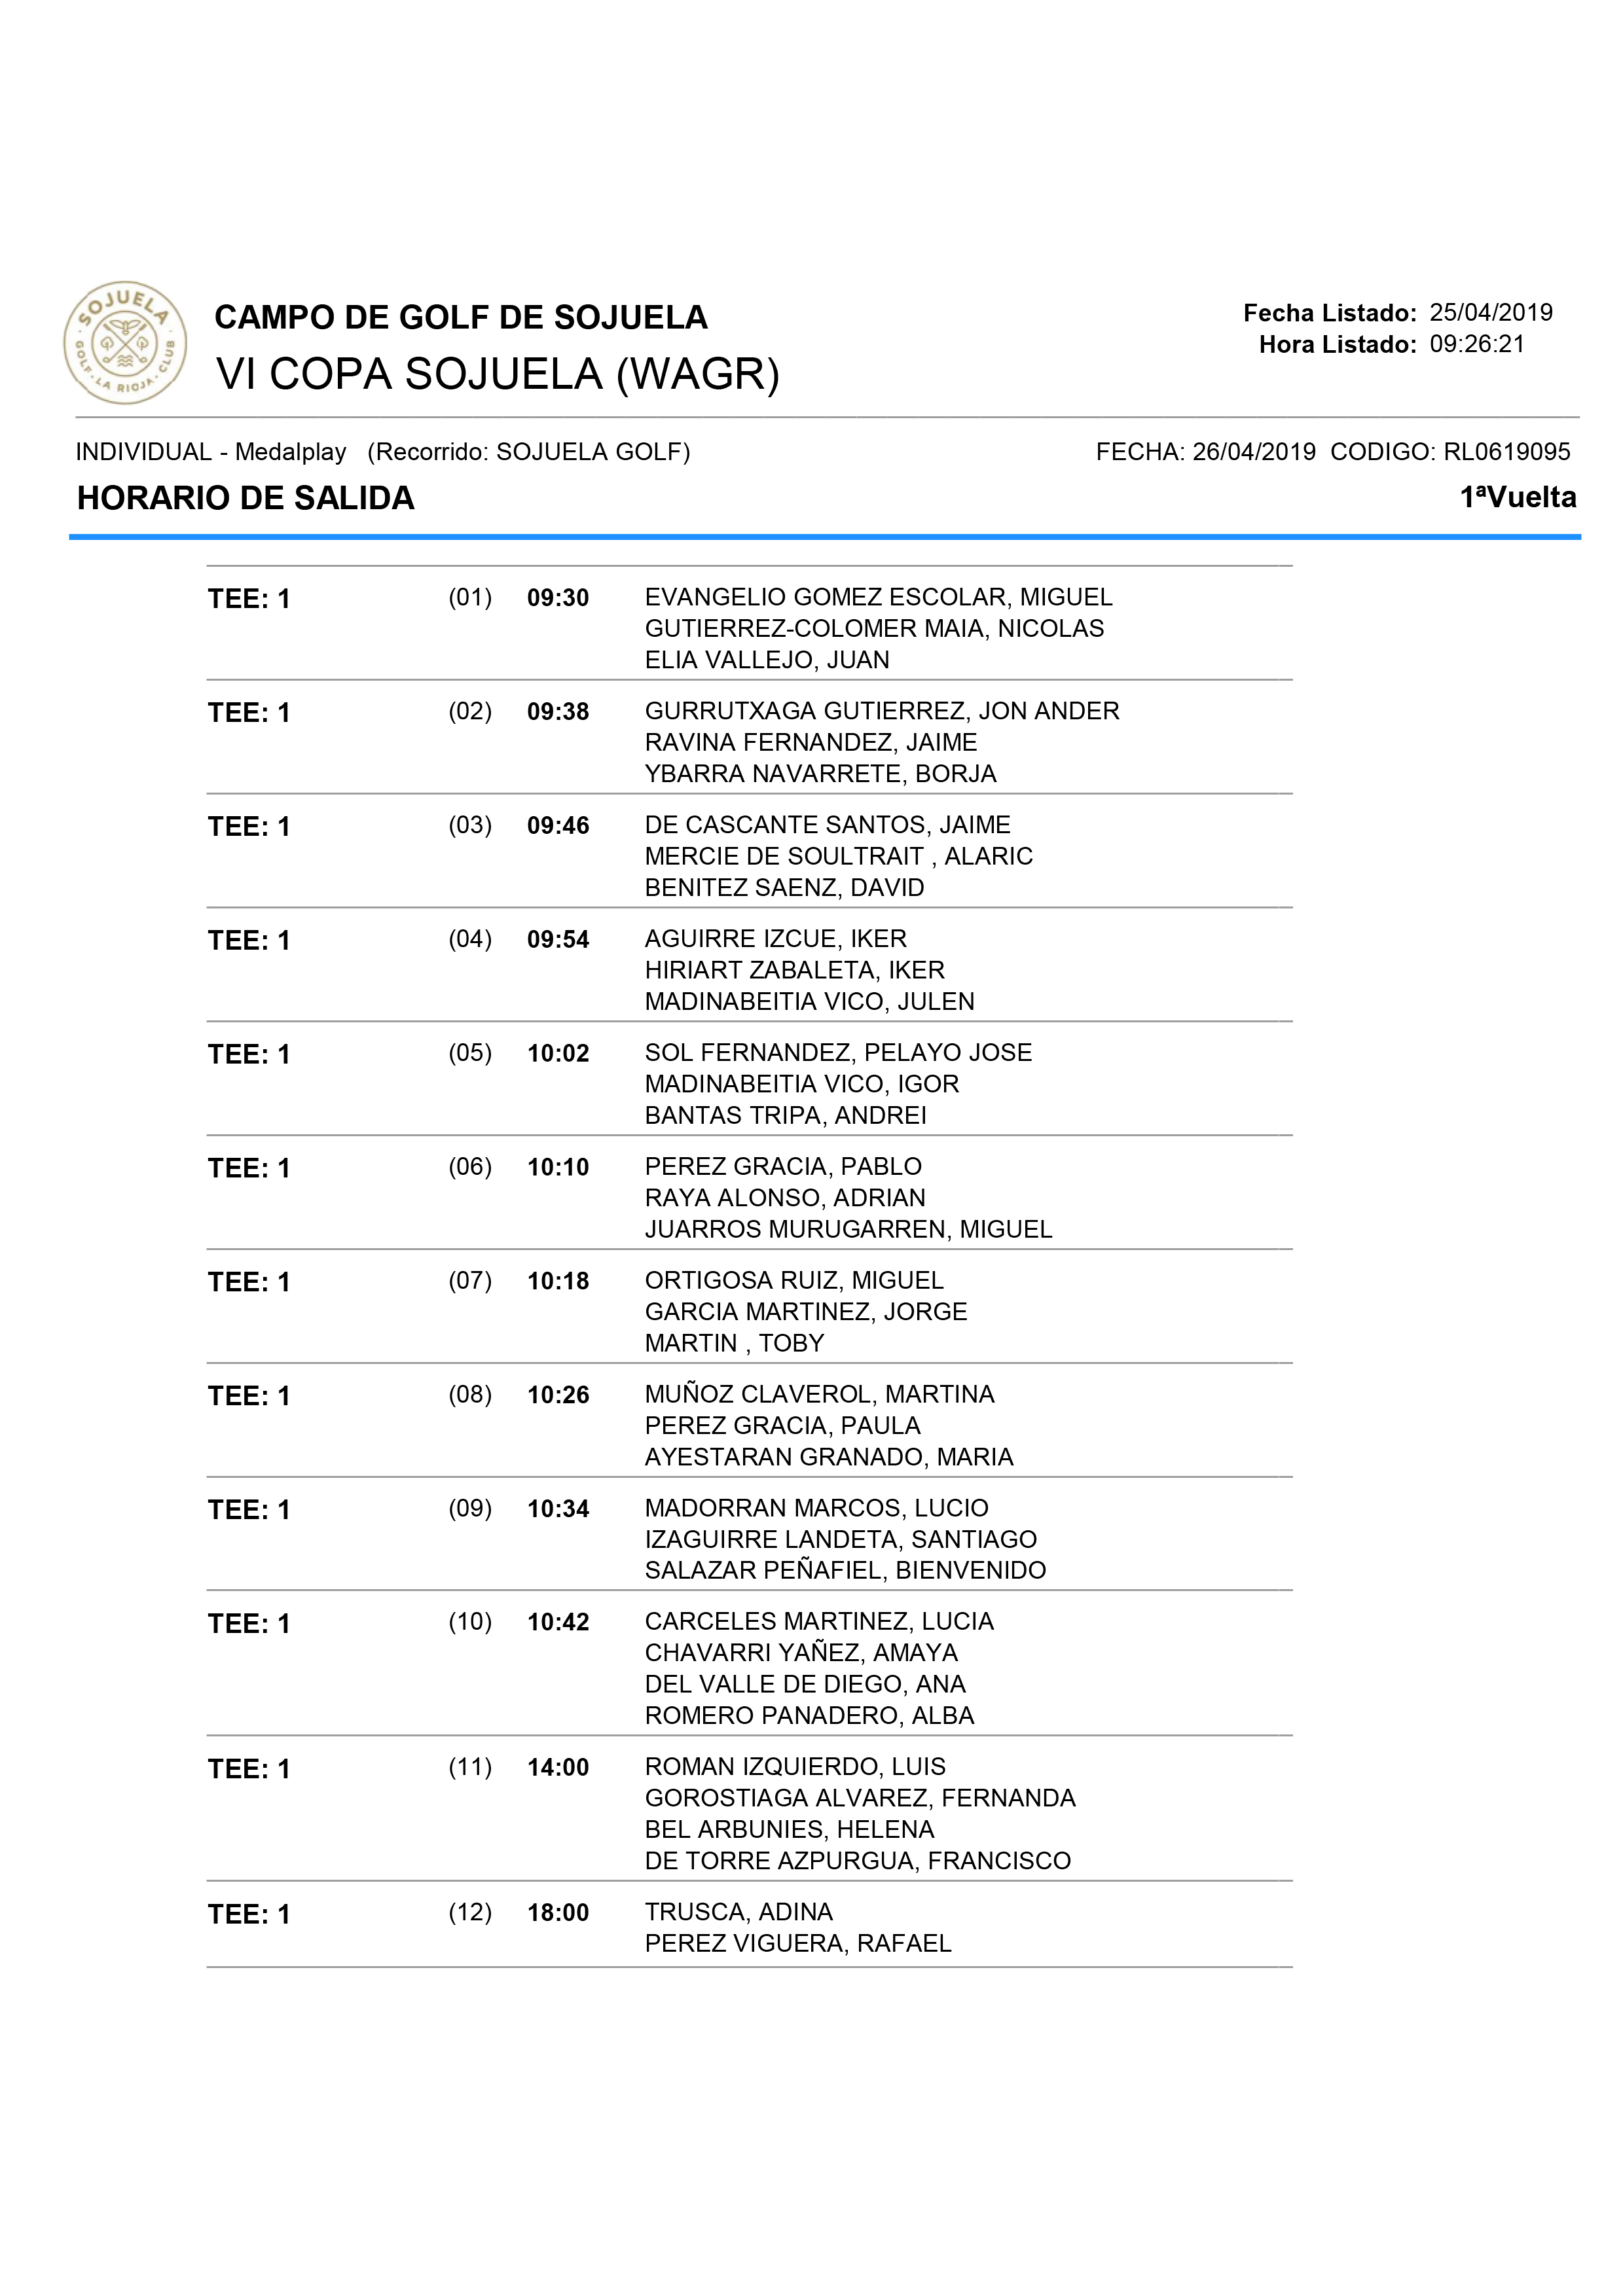 Horario de la primera jornada VI copa Club de Campo Sojuela